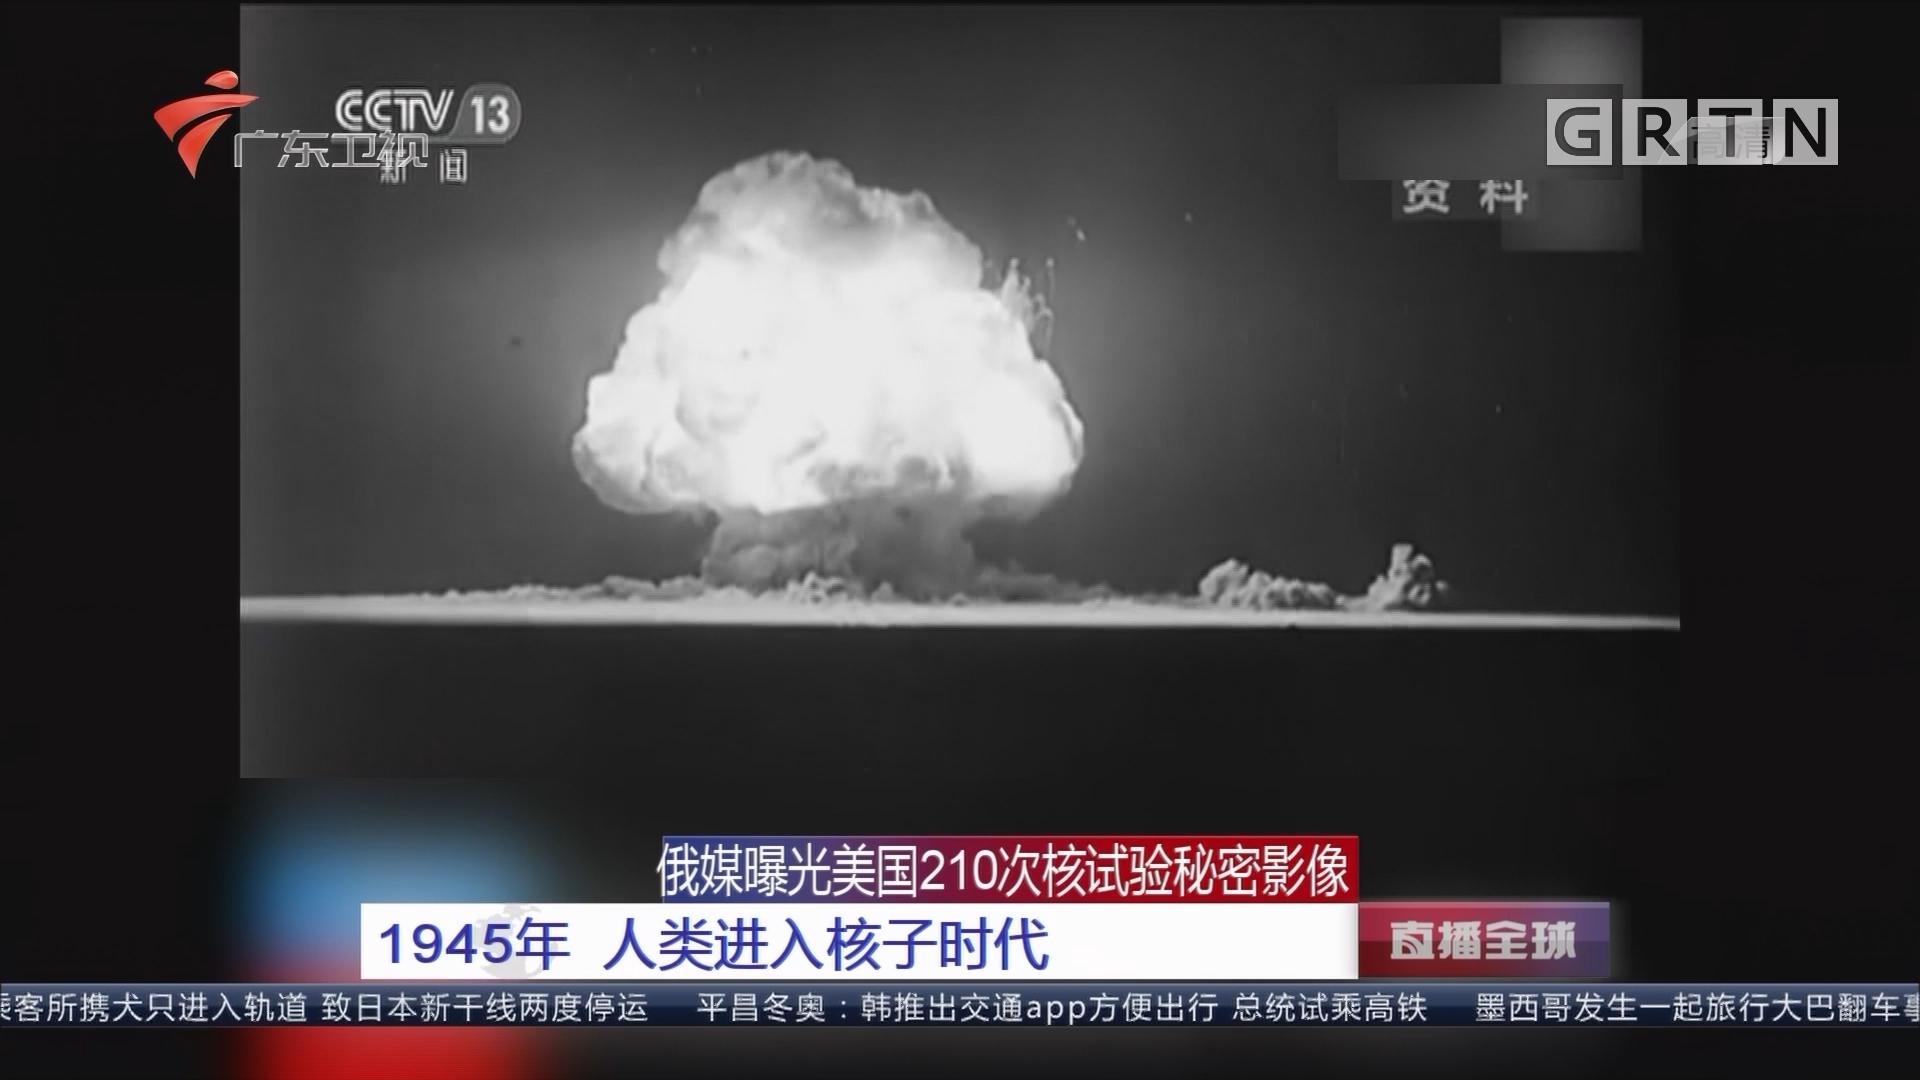 俄媒曝光美国210次核试验秘密影像:1945年 人类进入核子时代